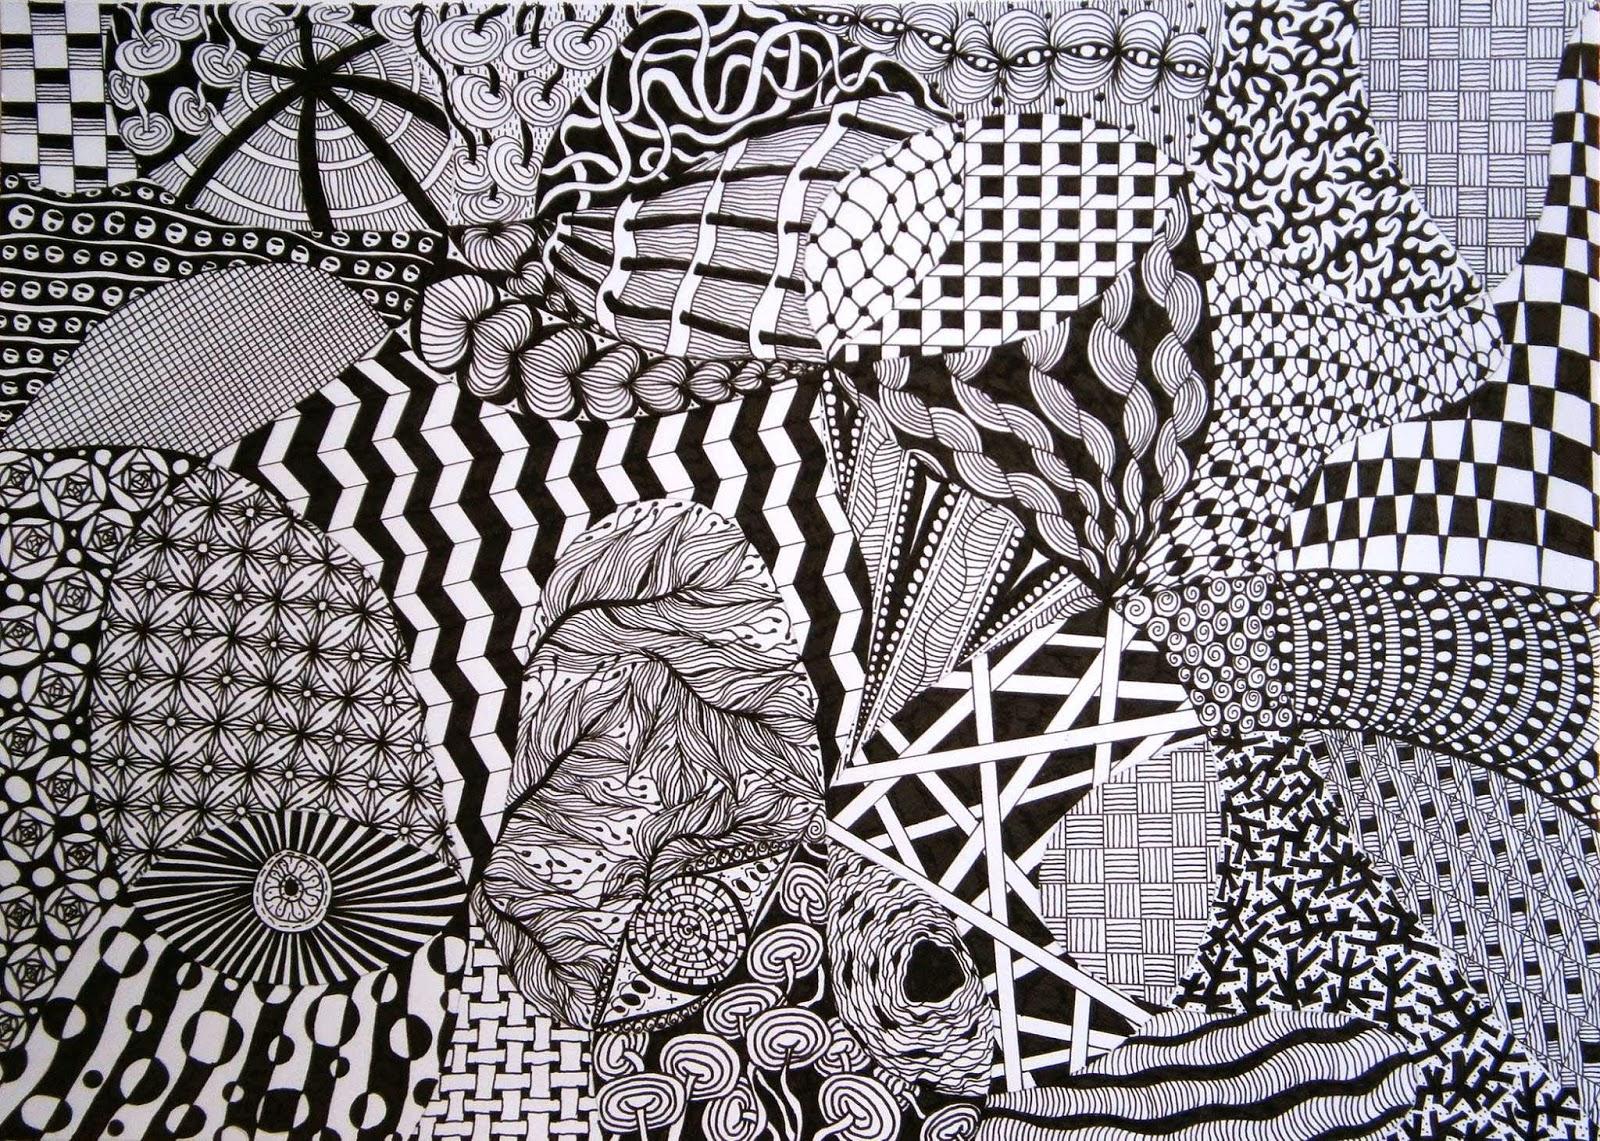 zentangle, zentangling, zendoodle, zendoodling